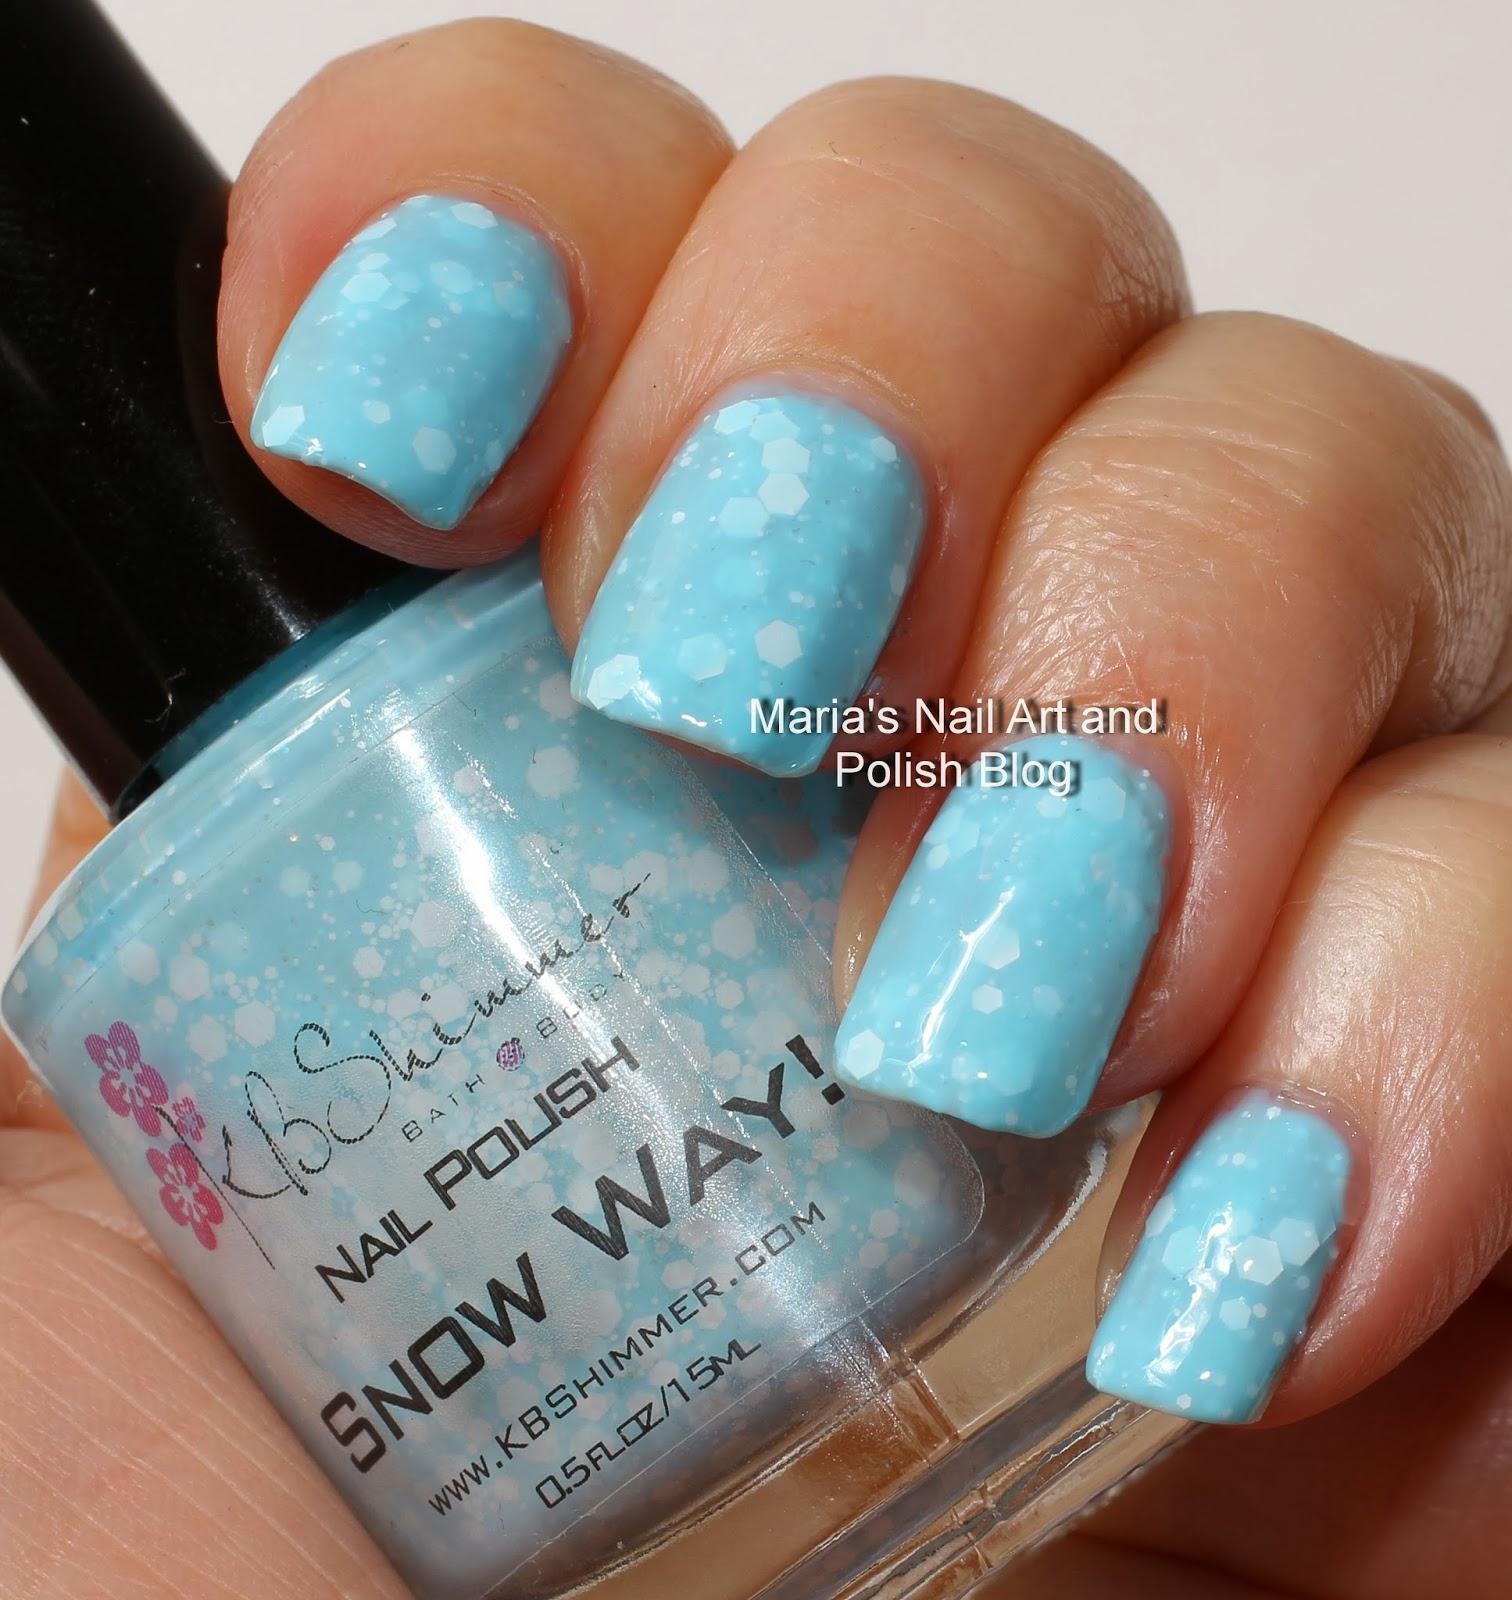 Marias Nail Art And Polish Blog: K. B. Shimmer Snow Way